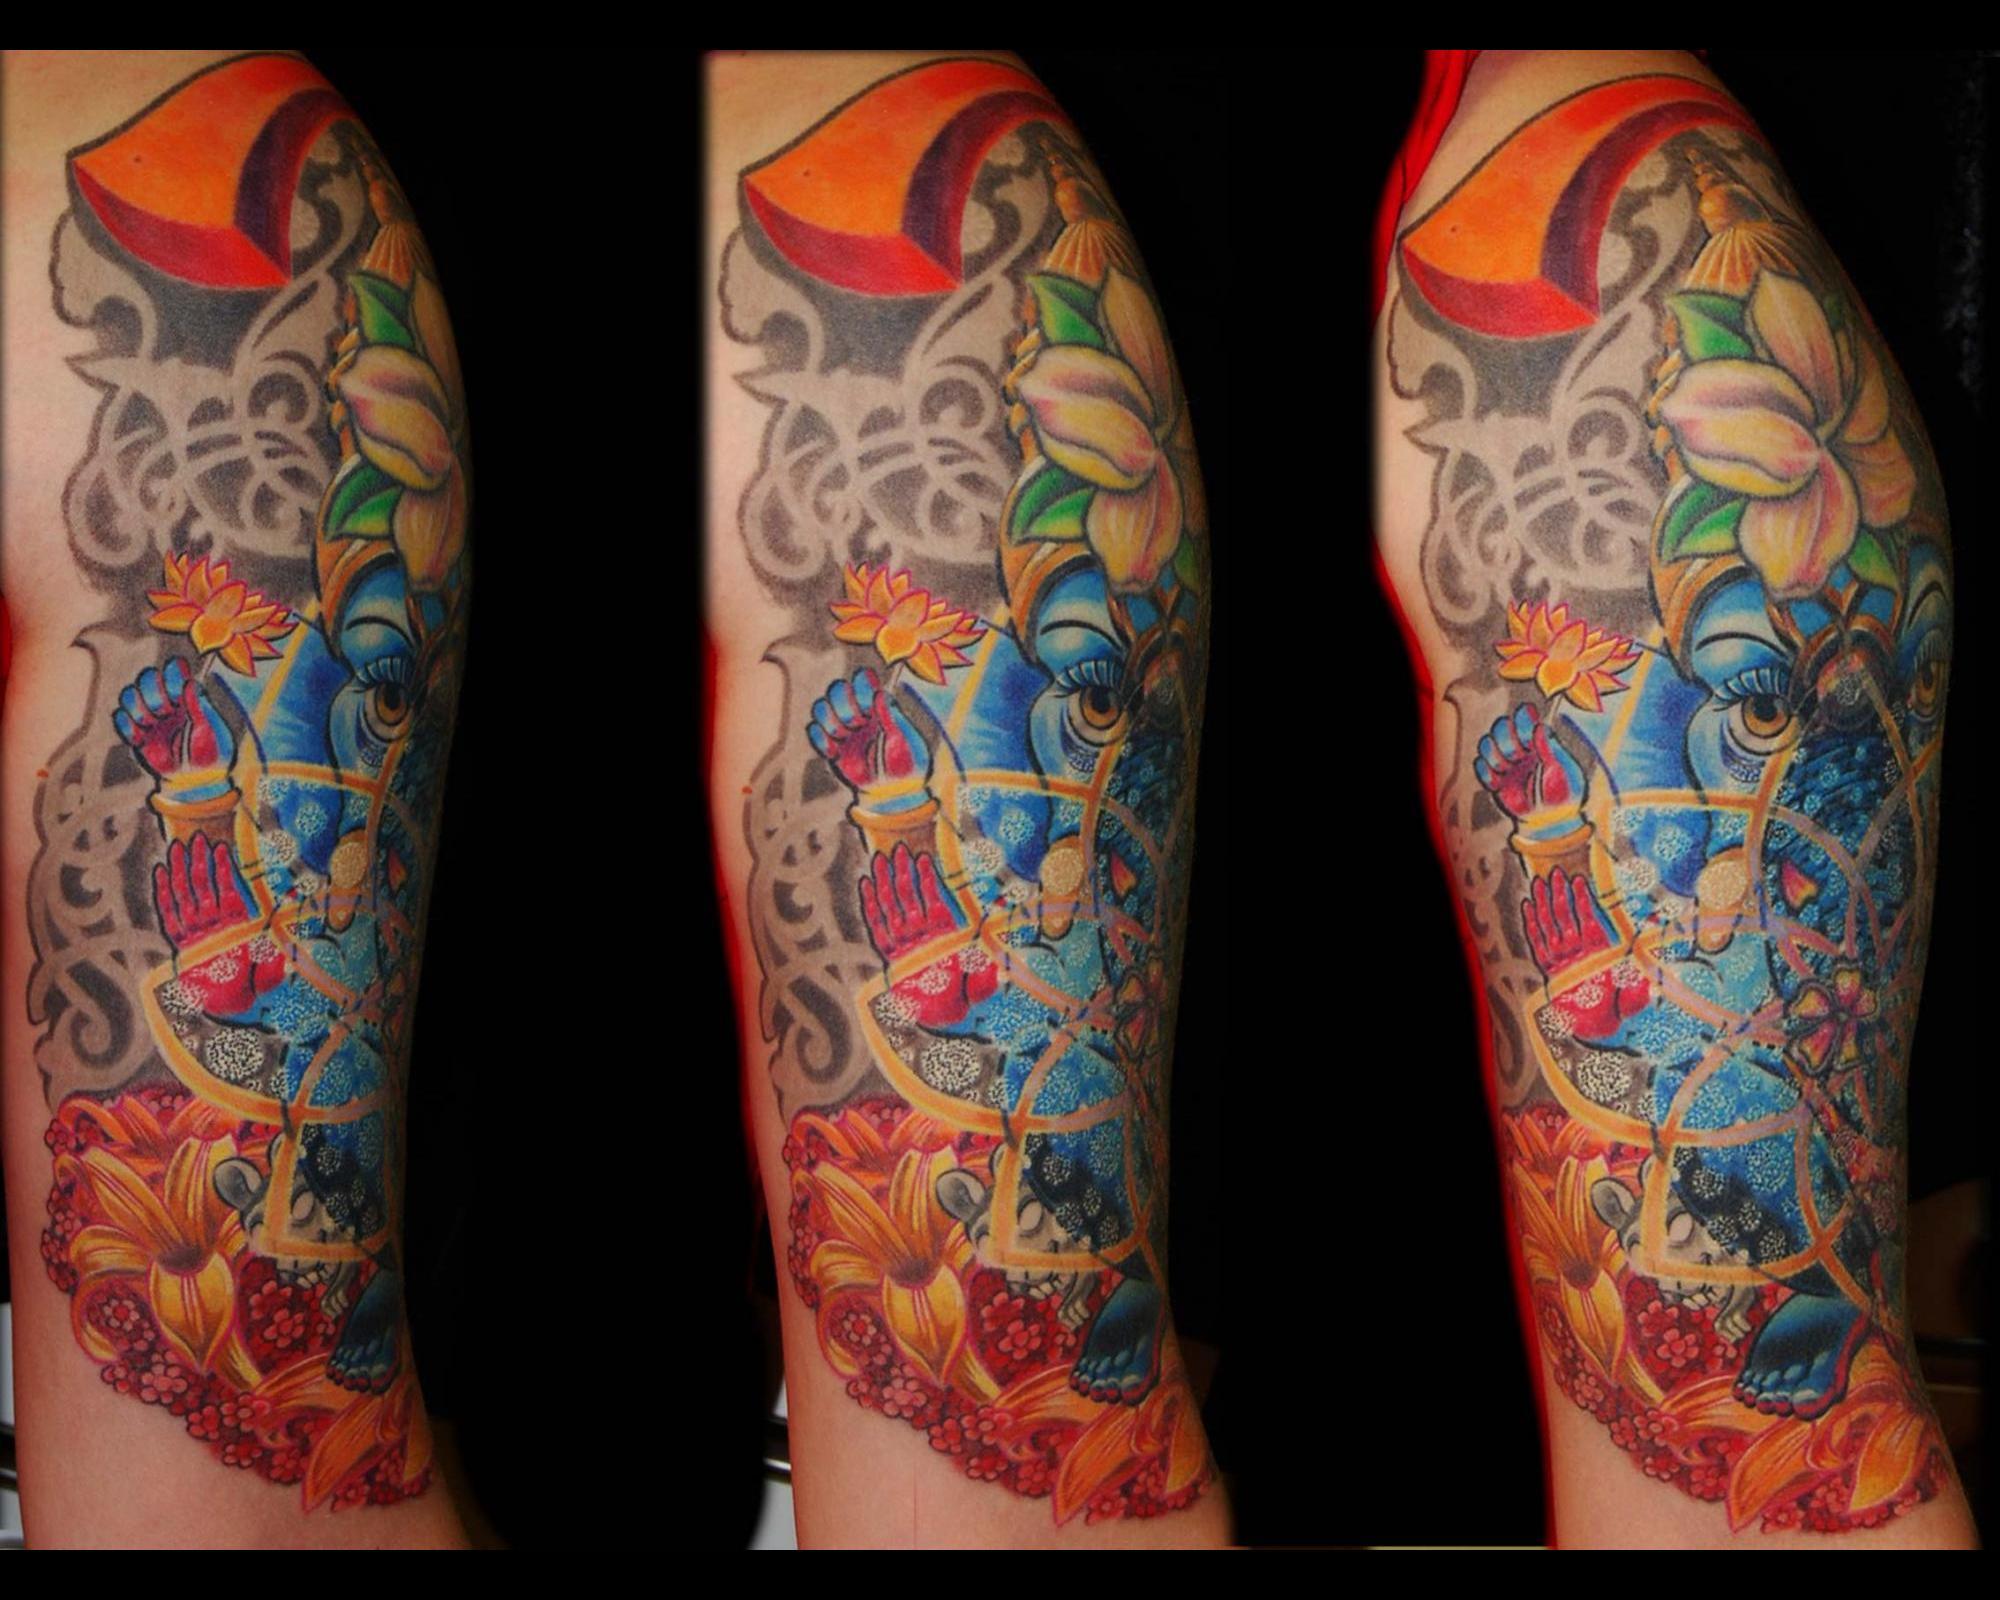 ueberdeckung-cover-up-tattoo-ganesha-blumen-muenchen-3